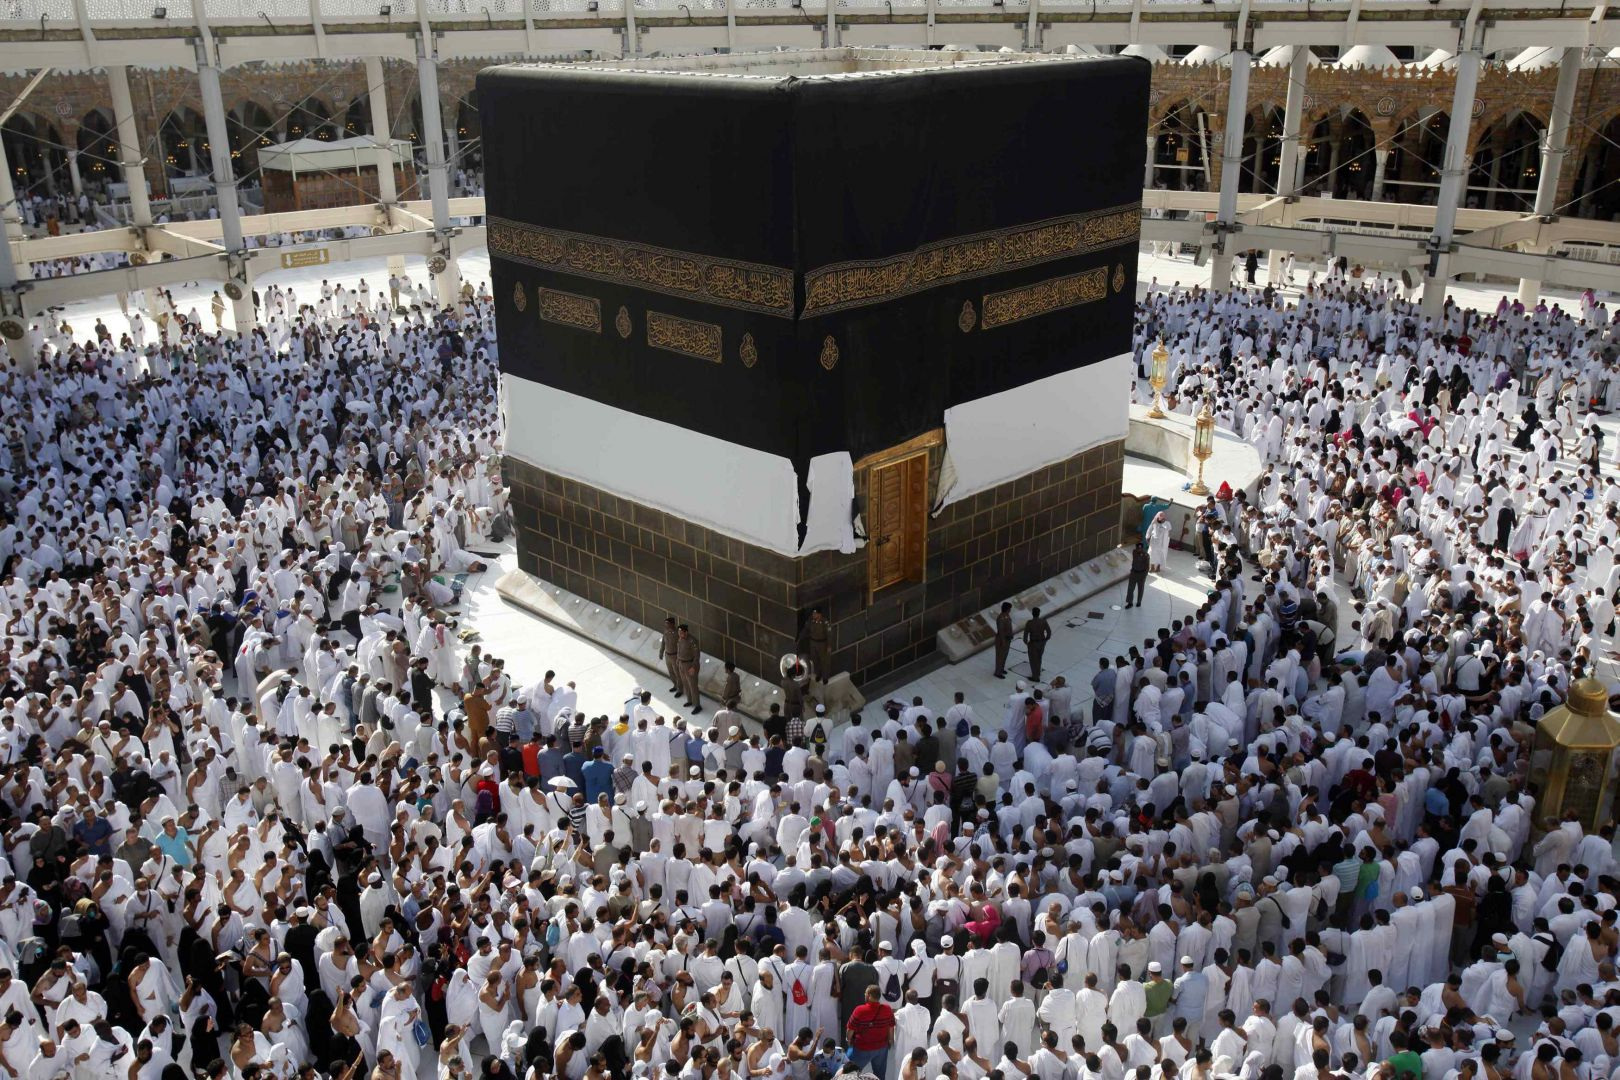 Saudi cleric denounces 'lies' after Haj tragedy